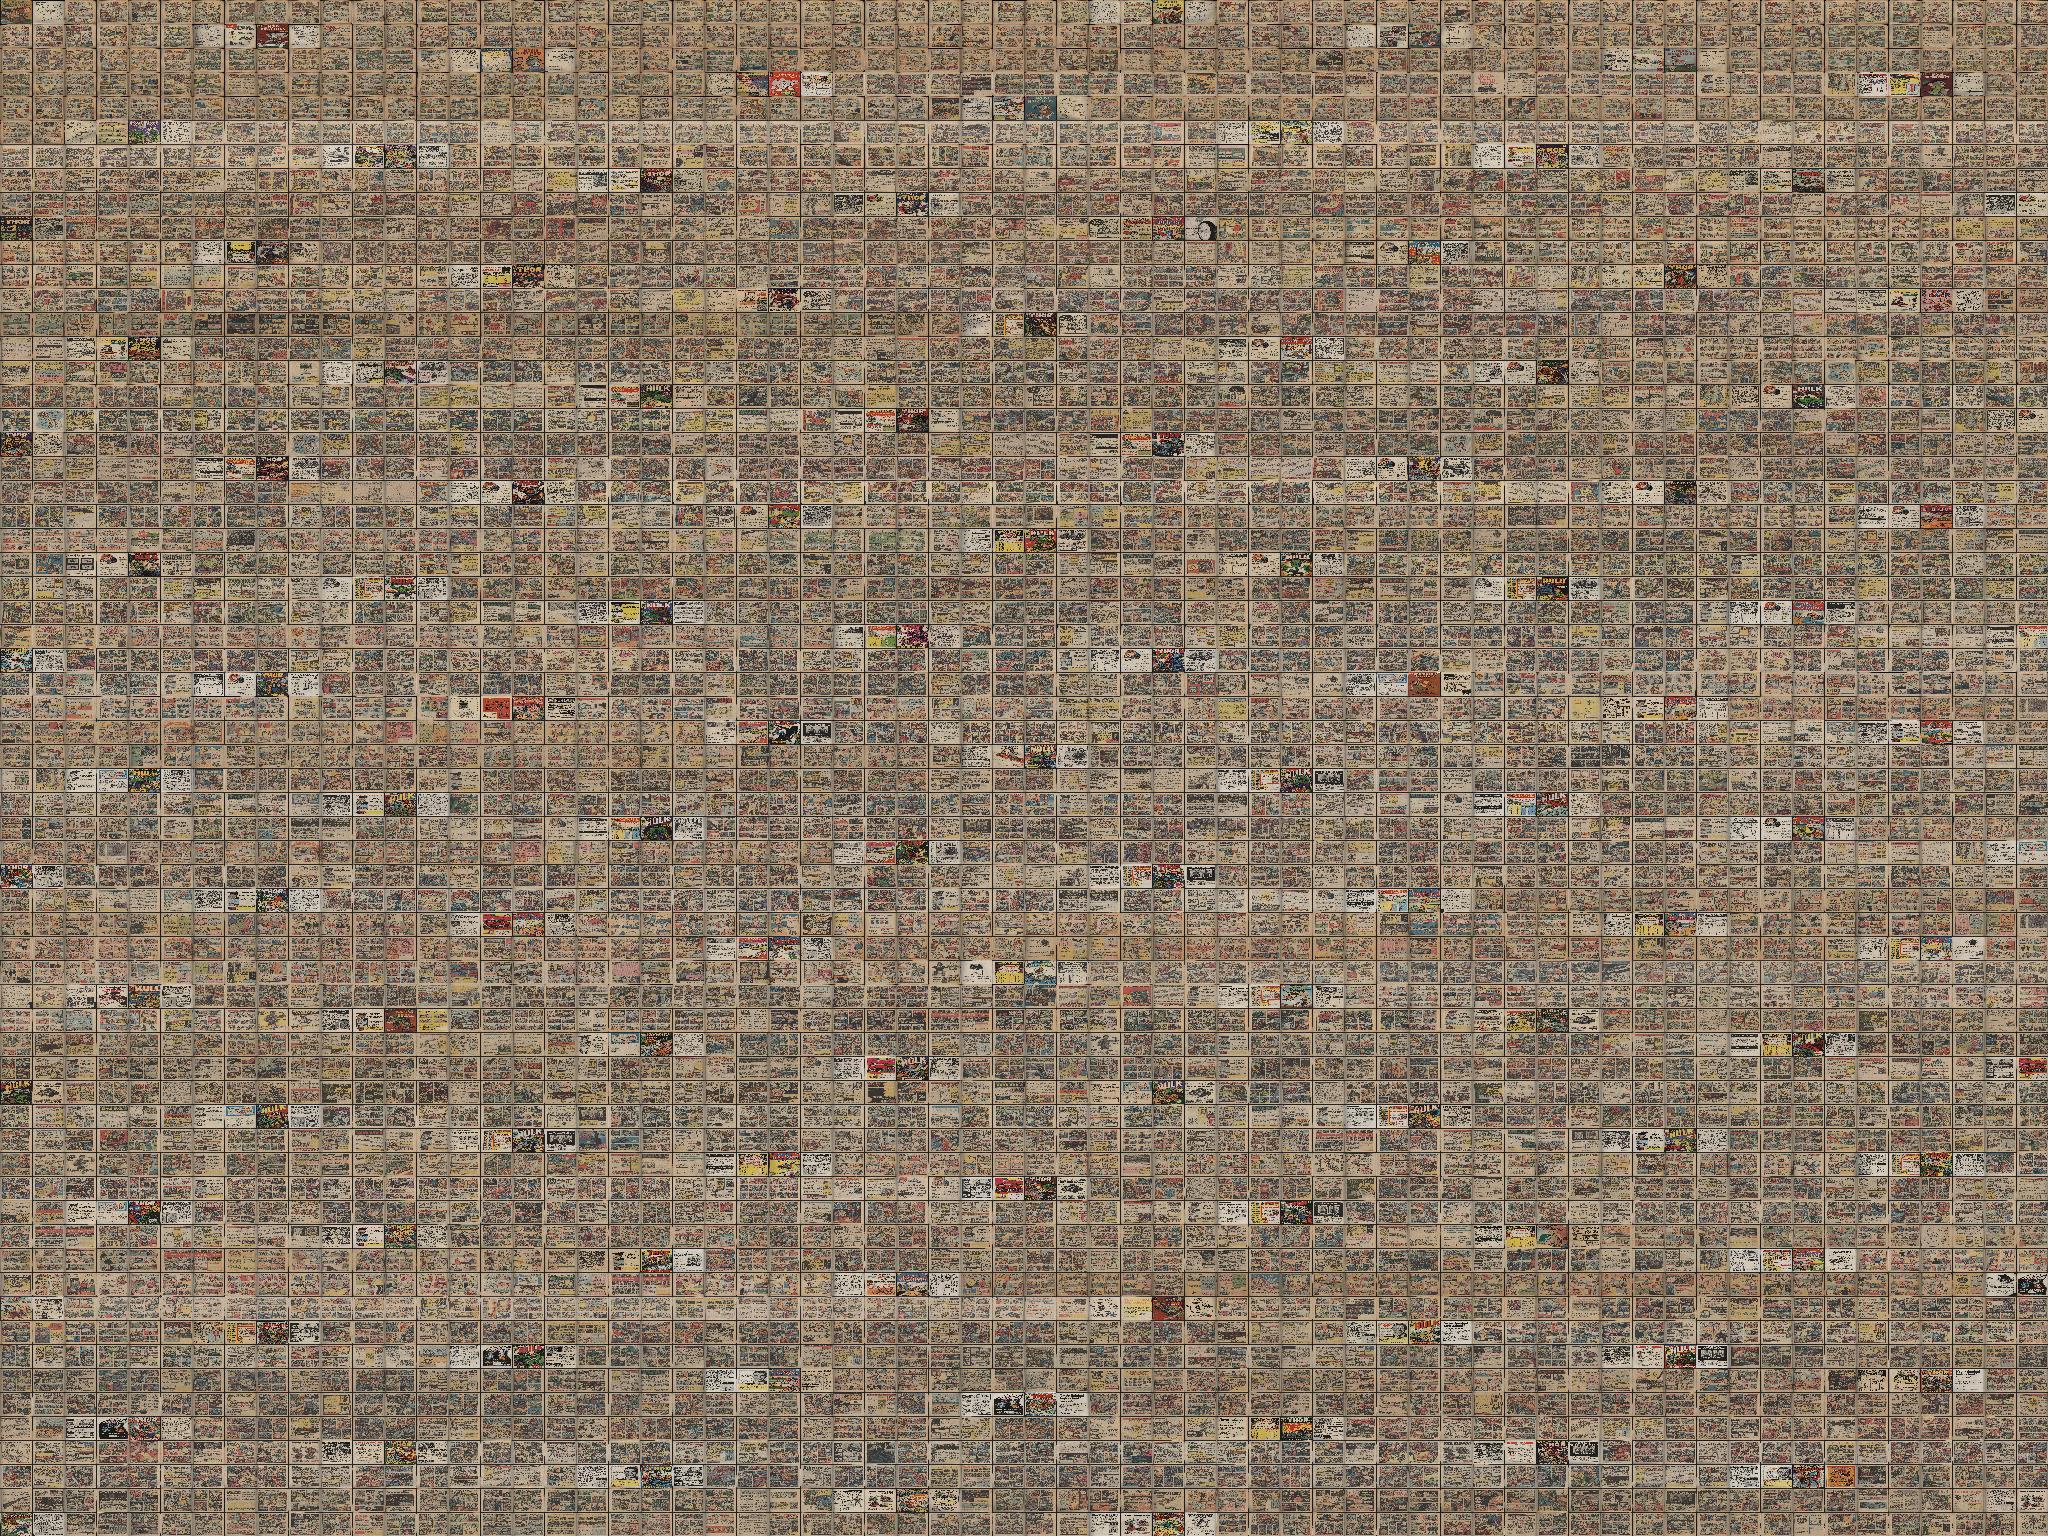 deviantart wallpaper 2048 x 1536 - photo #4